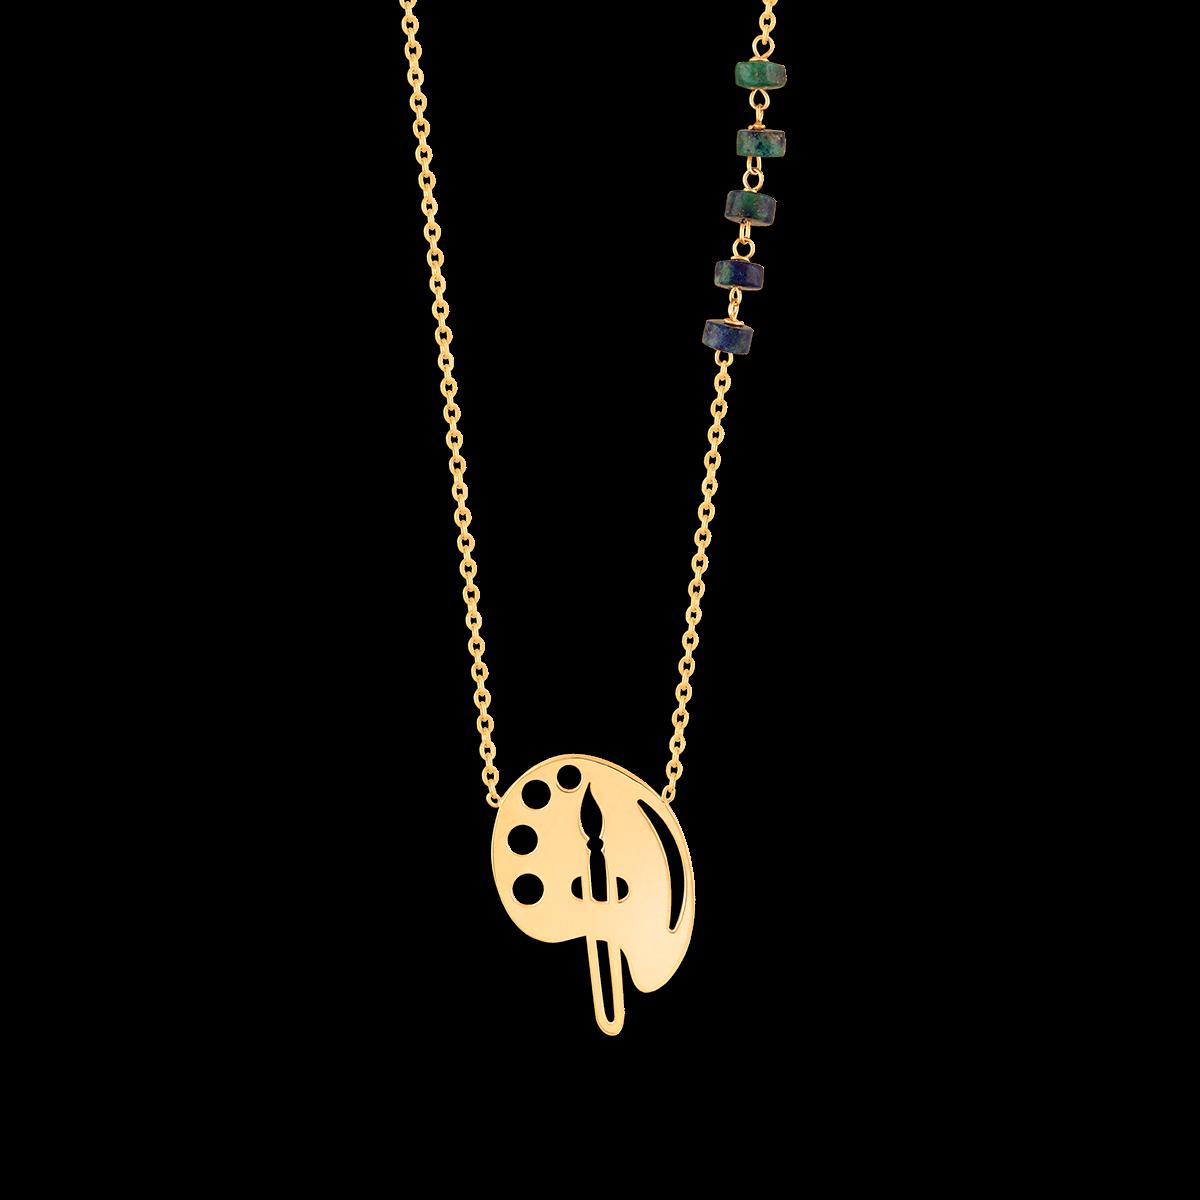 گردنبند طلا پالت نقاشی